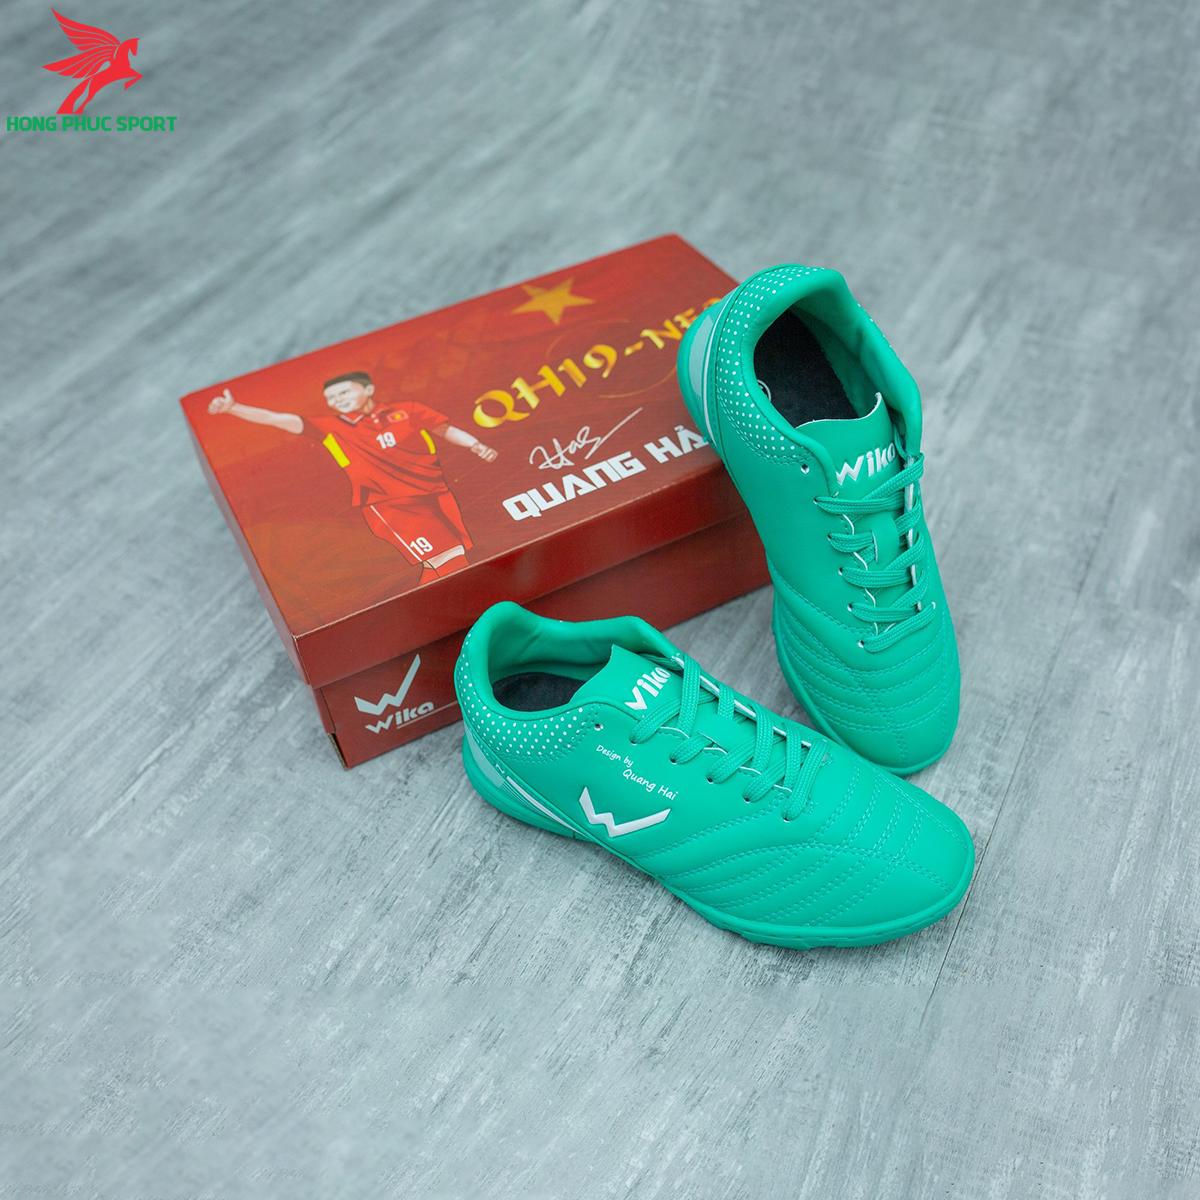 Giày đá banh Wika QH19 Neo Kids sân cỏ nhân tạo màu Xanh lam (3)